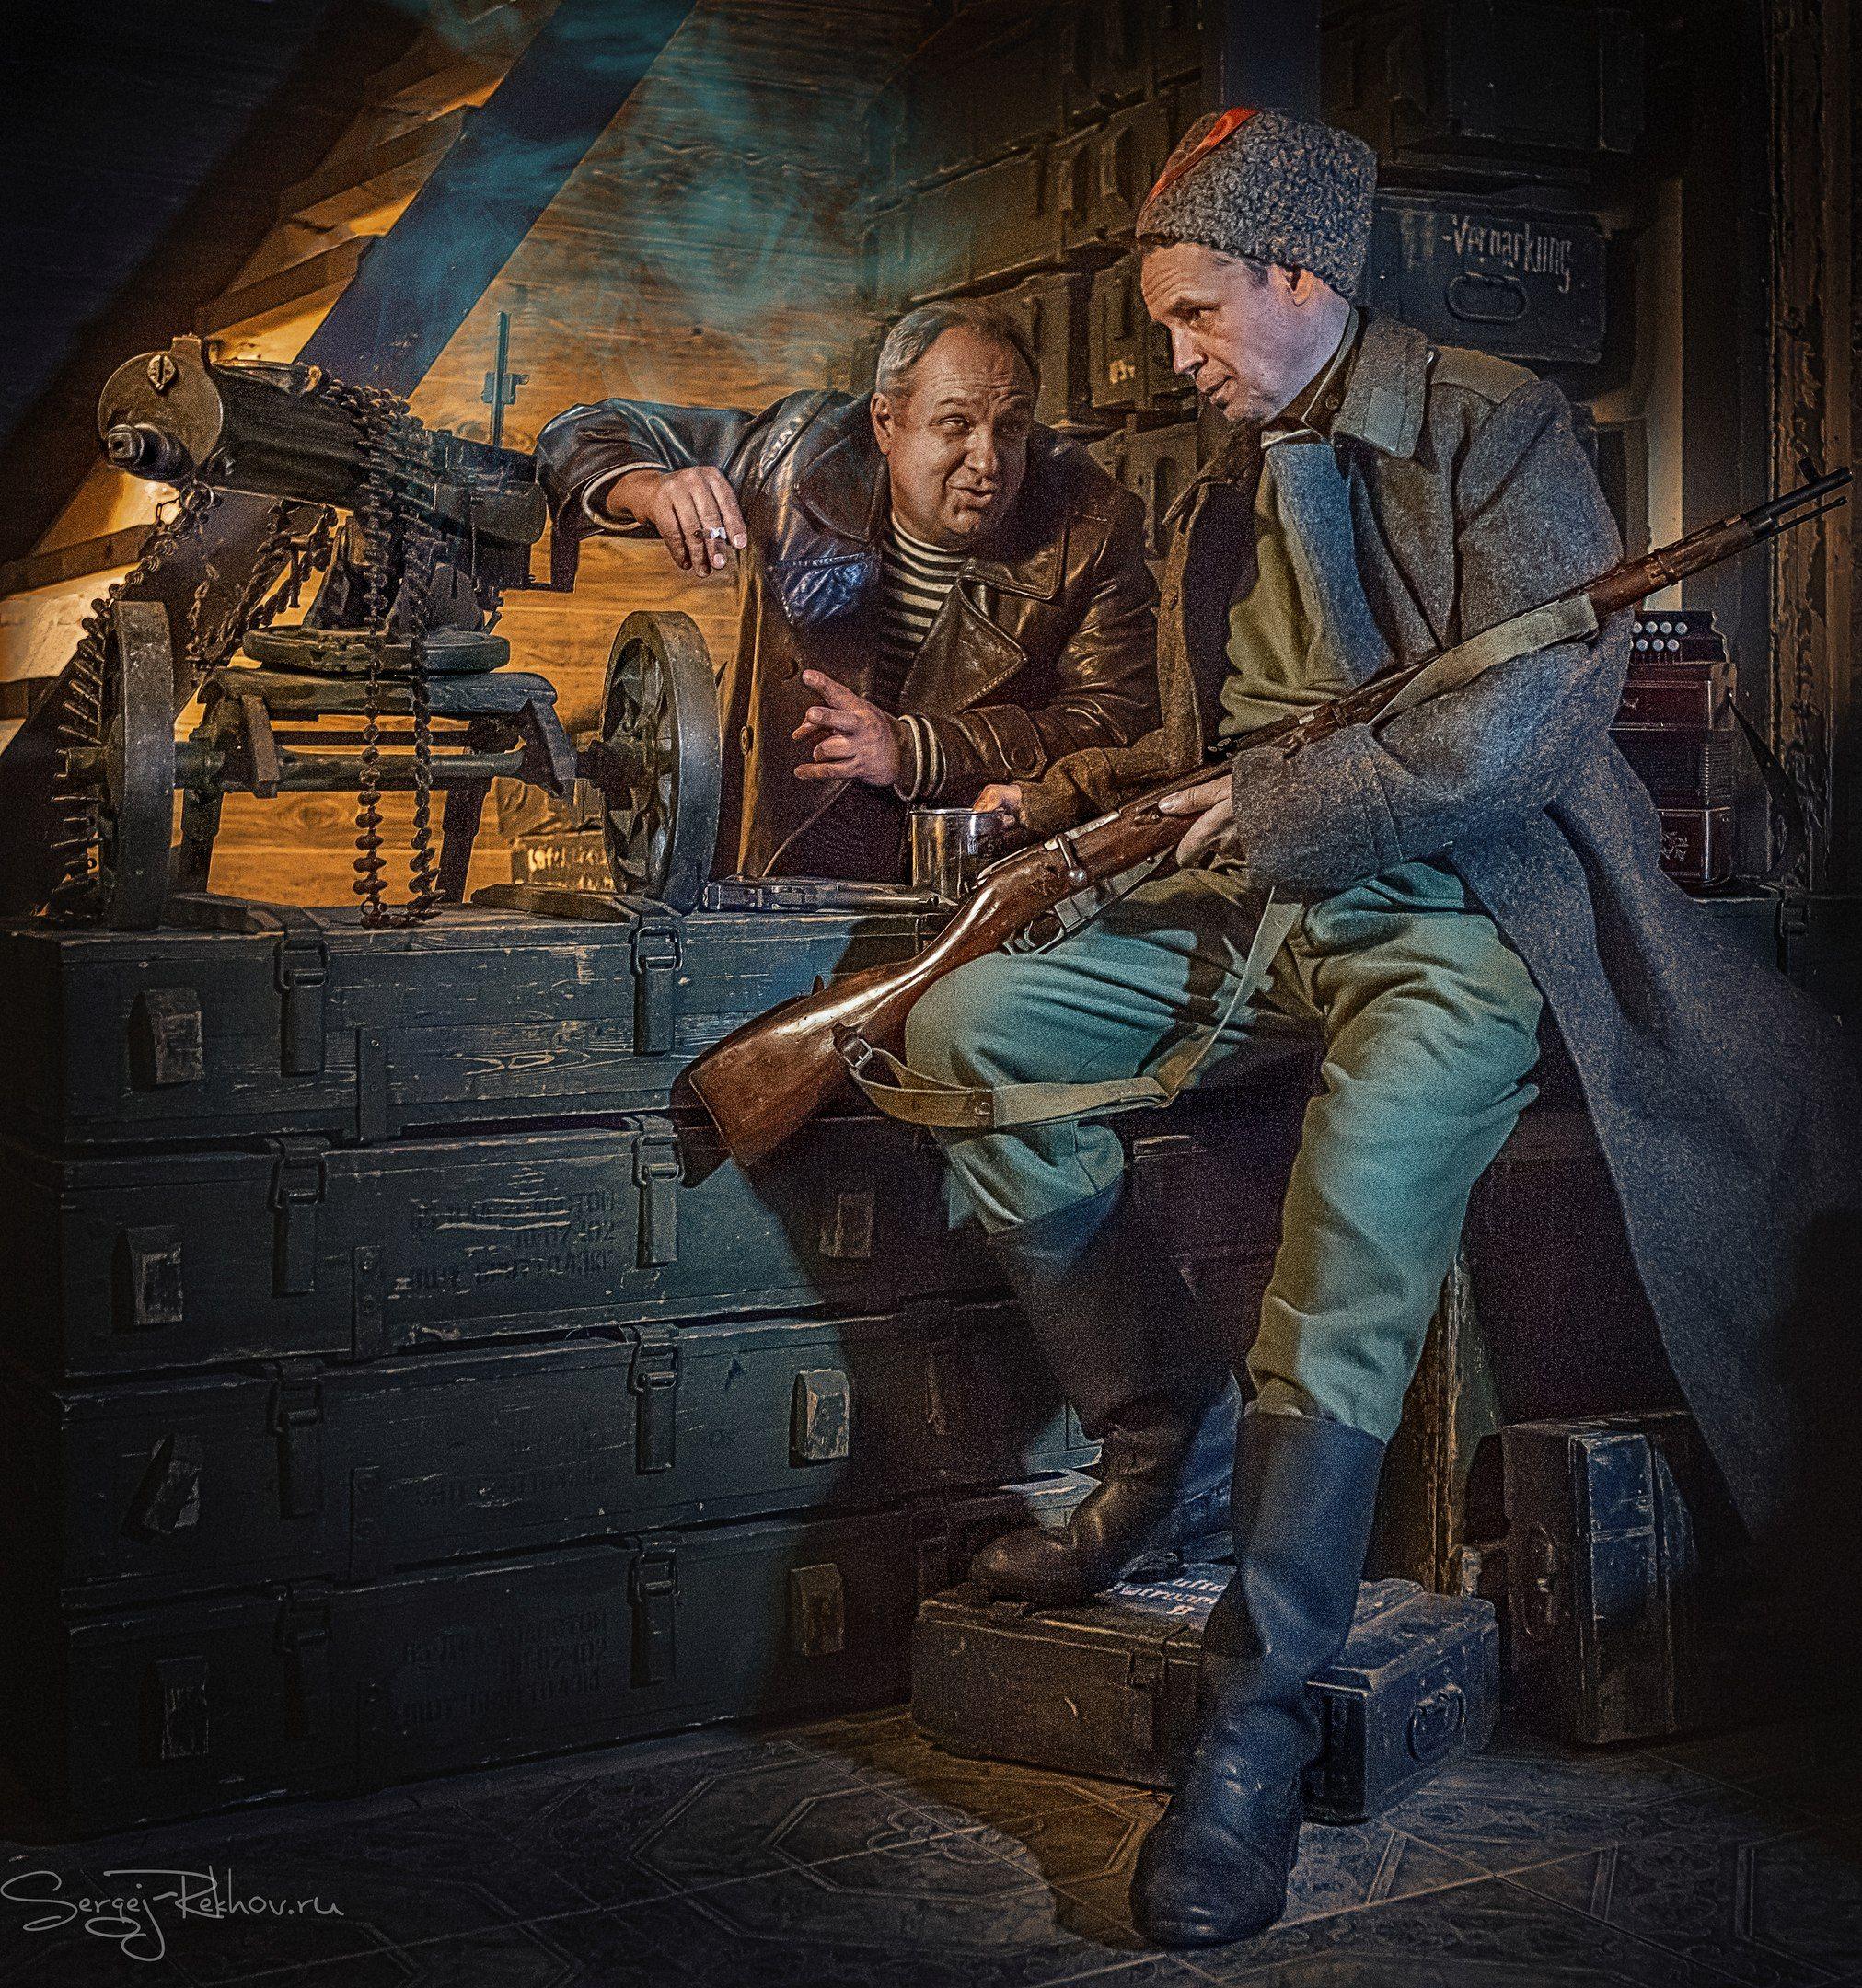 революция, революционеры, солдаты, винтовка, оружие, студия, разговор, rekhov, sergejrekhov, Сергей Рехов